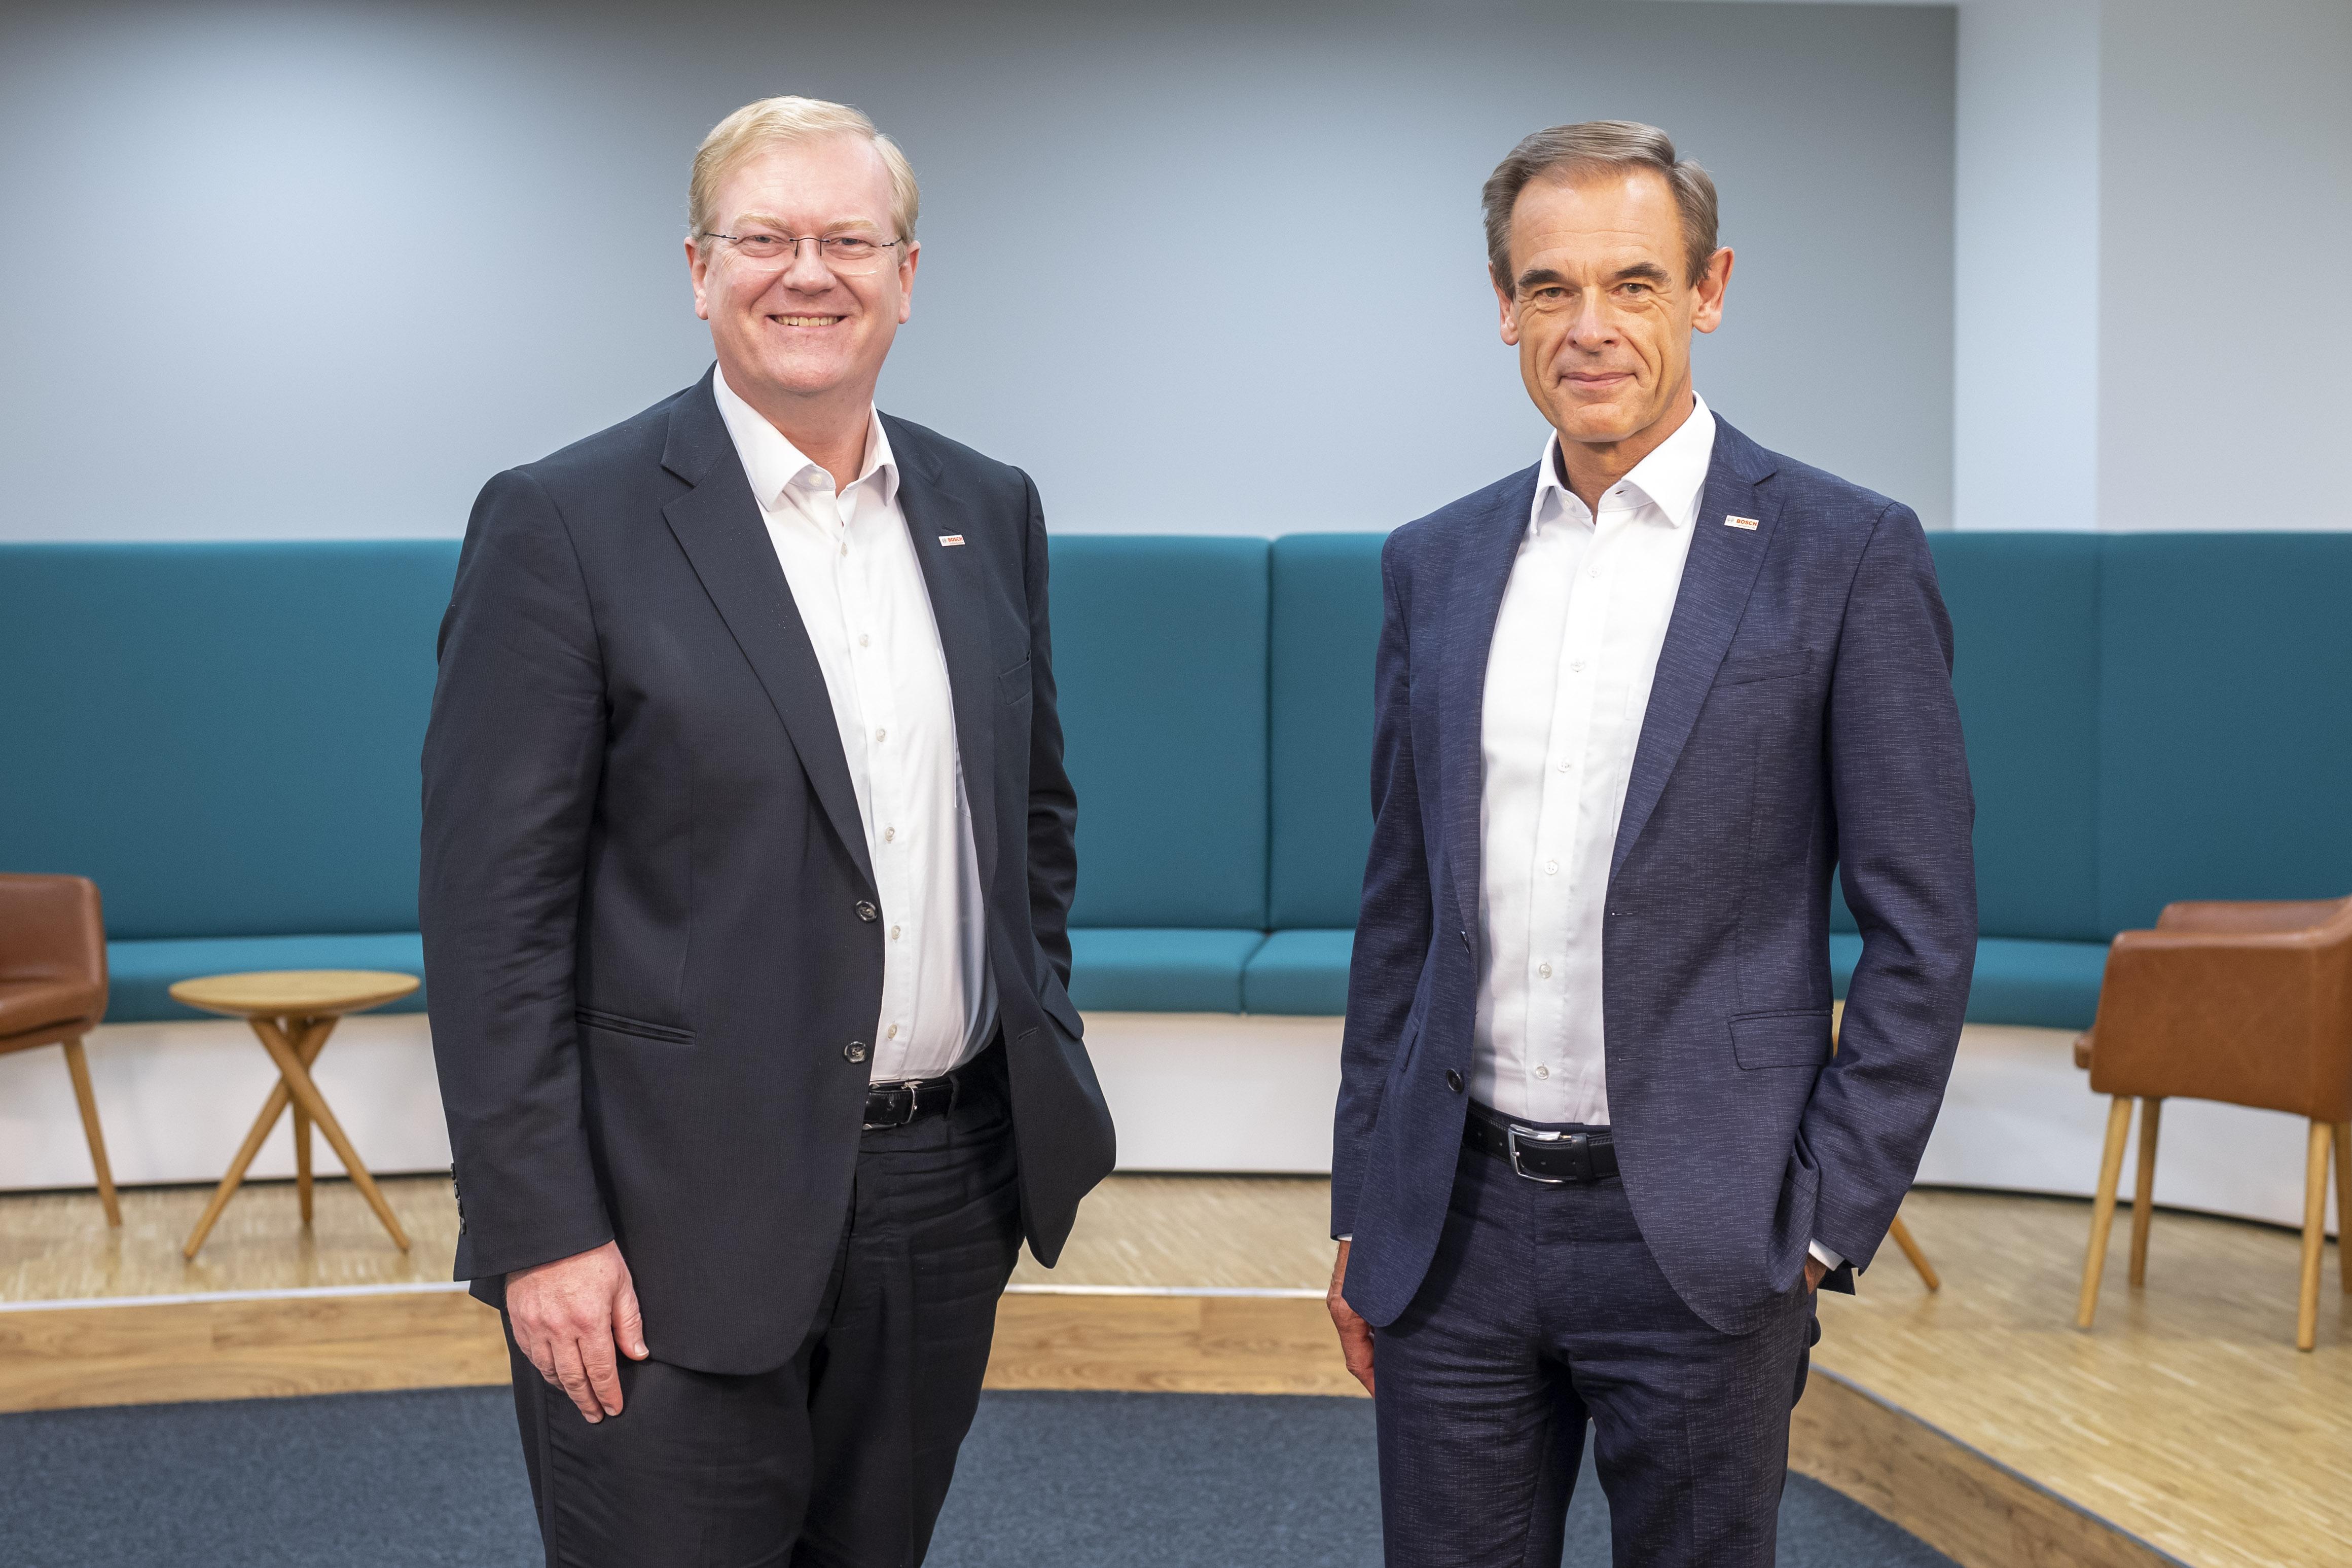 Personelle Veränderungen bei der Robert Bosch GmbH